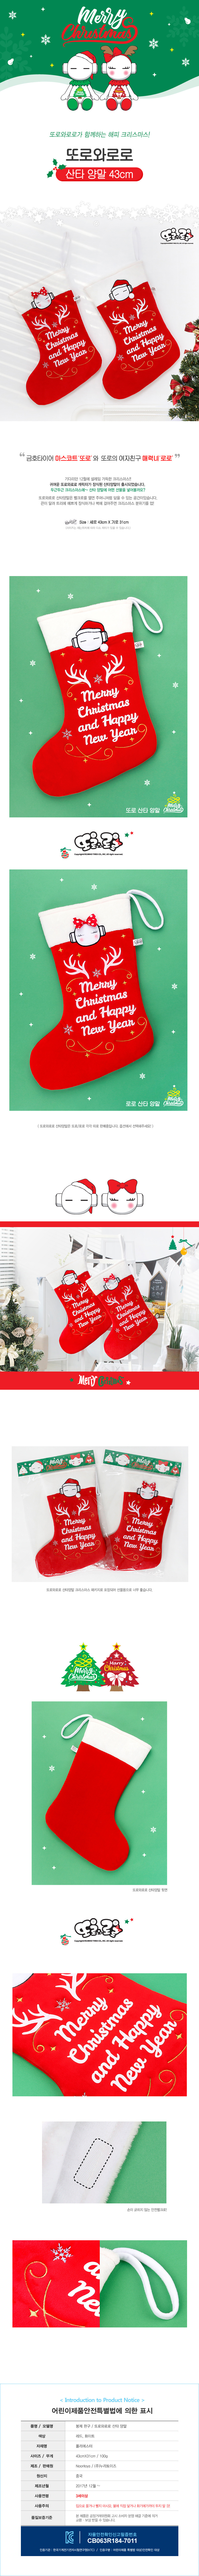 산타양말,크리스마스,트리소품,소품주머니.크리스마스소품,꽃